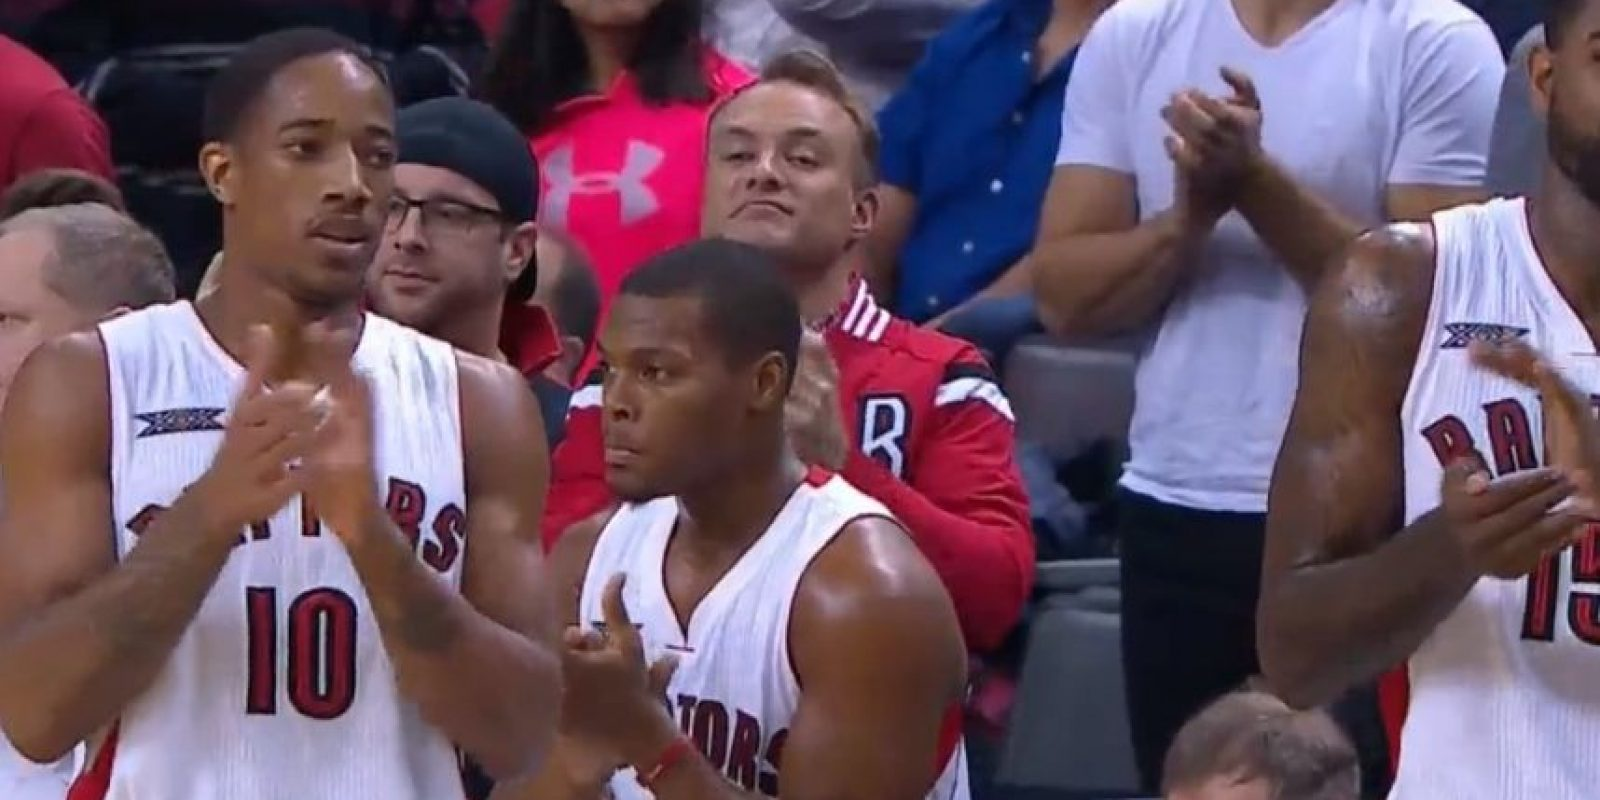 Basquetbolistas del Toronto Raptors aplaudiendo a Carter. Foto:Toronto Raptors